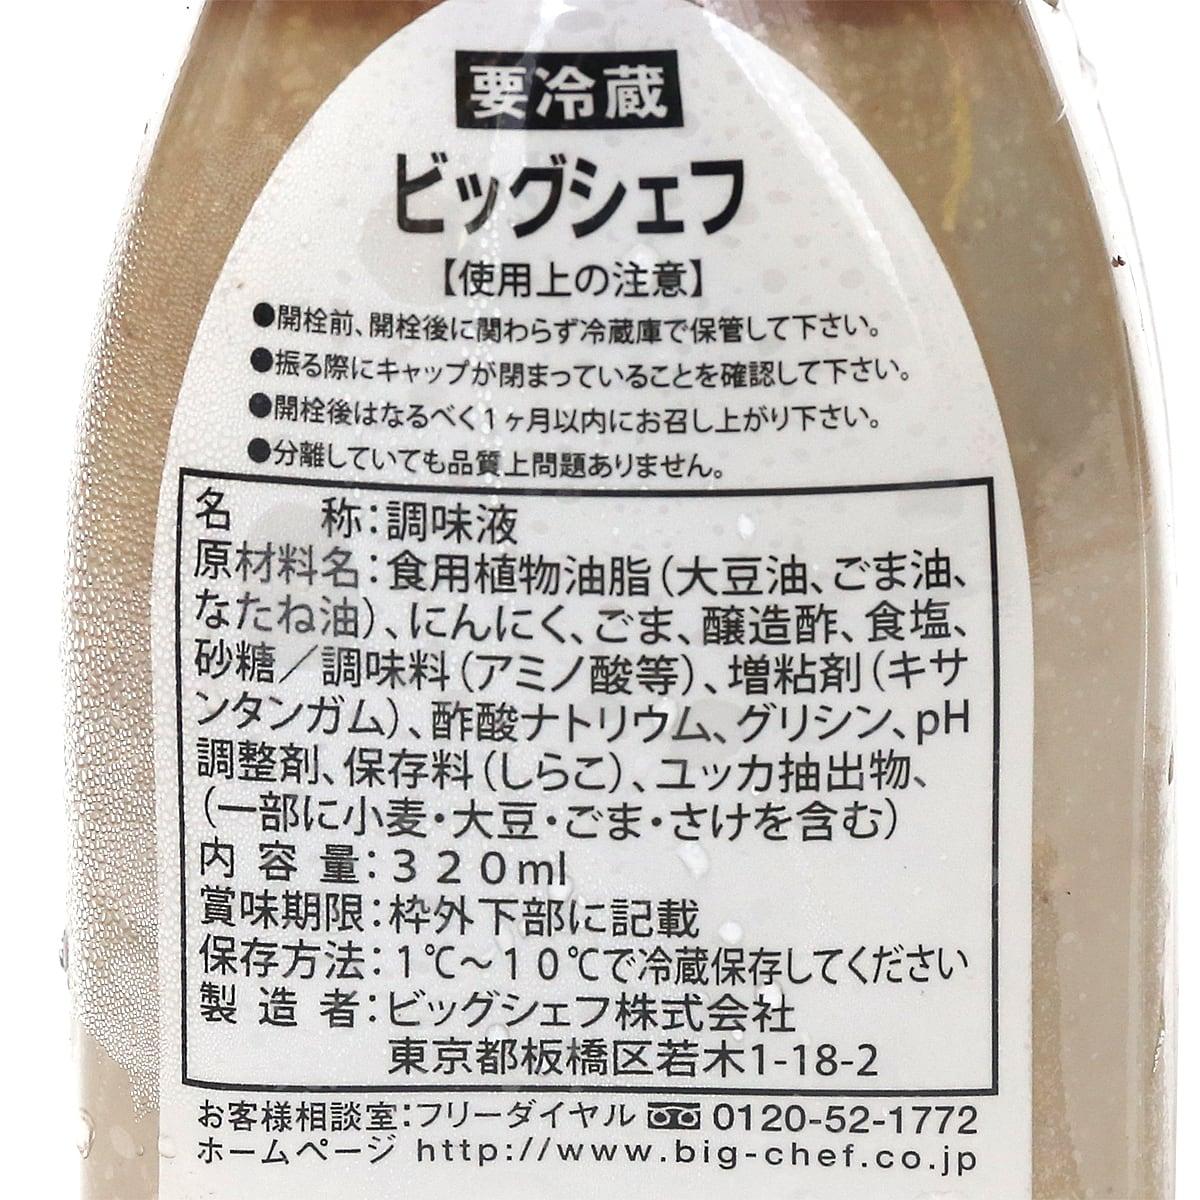 ビッグシェフ うま塩チョレギソース 320ml×2 商品ラベル(原材料・カロリーほか)